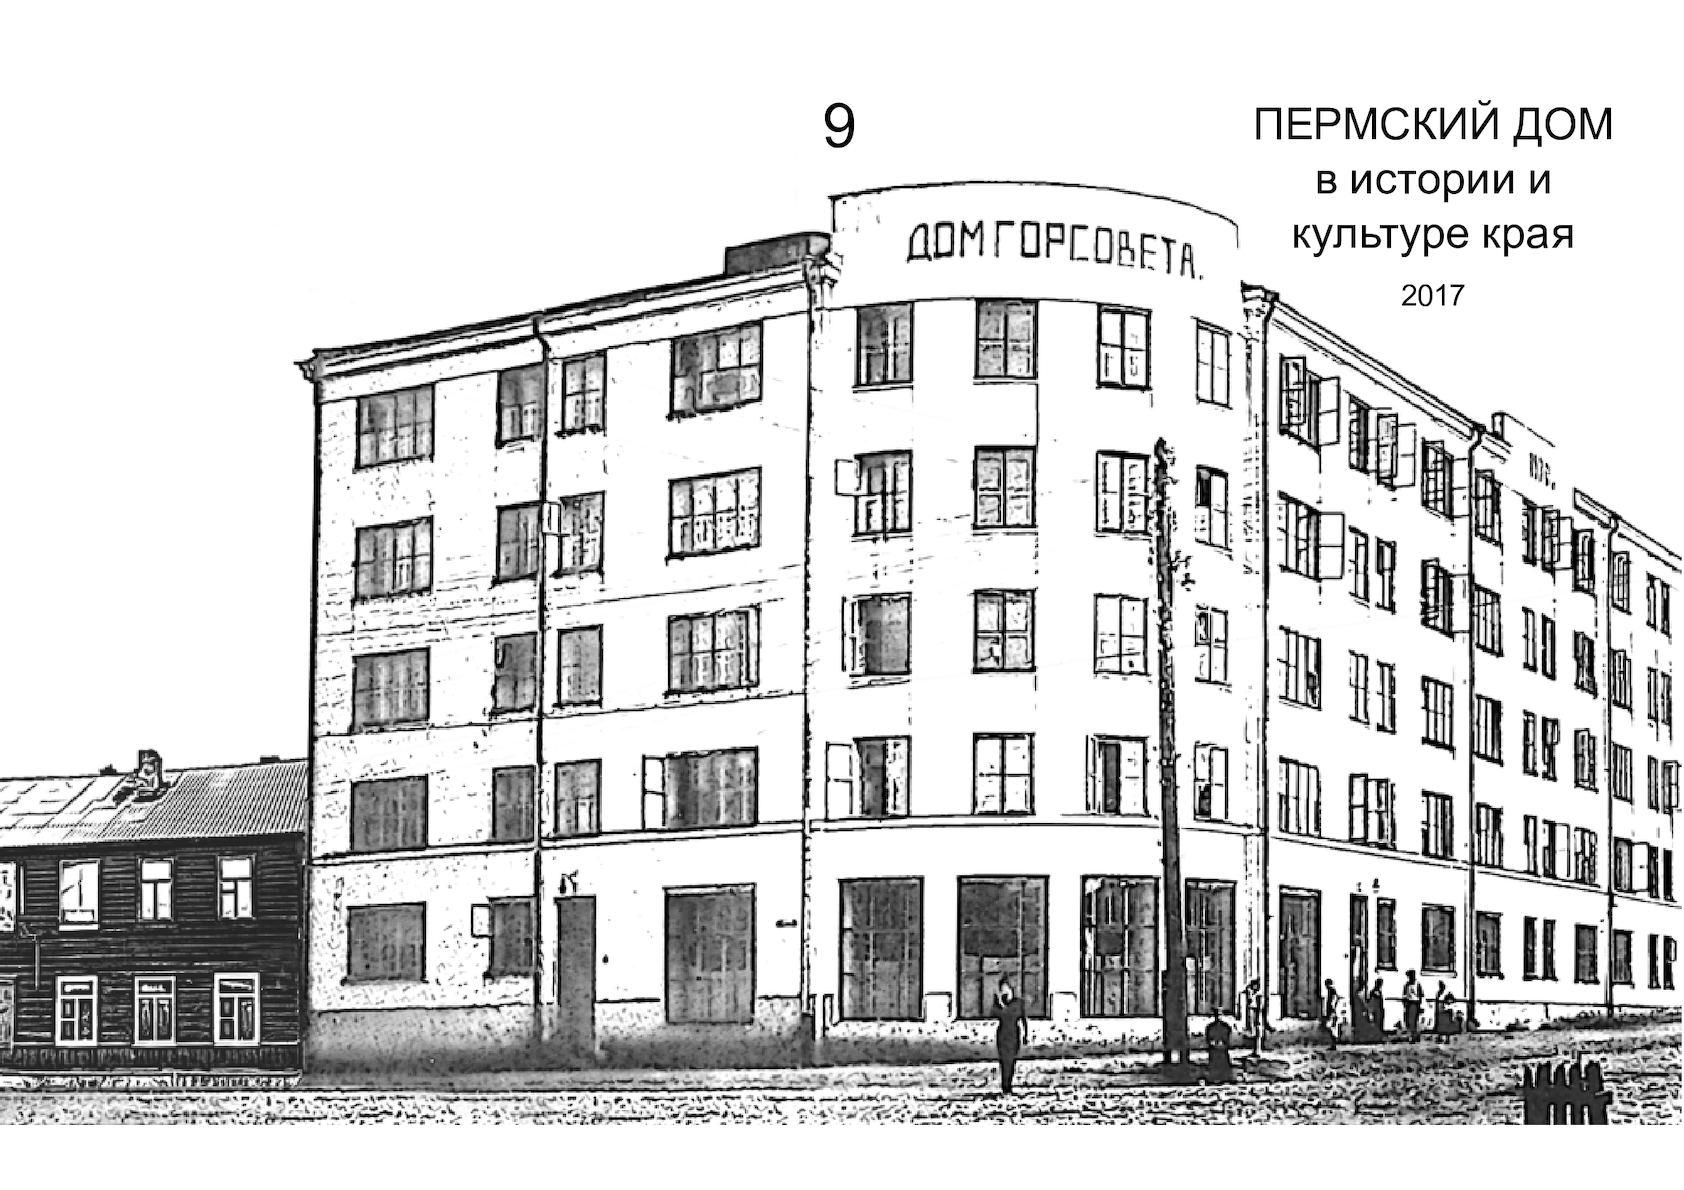 2d8c82e2399e Calaméo - Пермский дом в истории и культуре края9